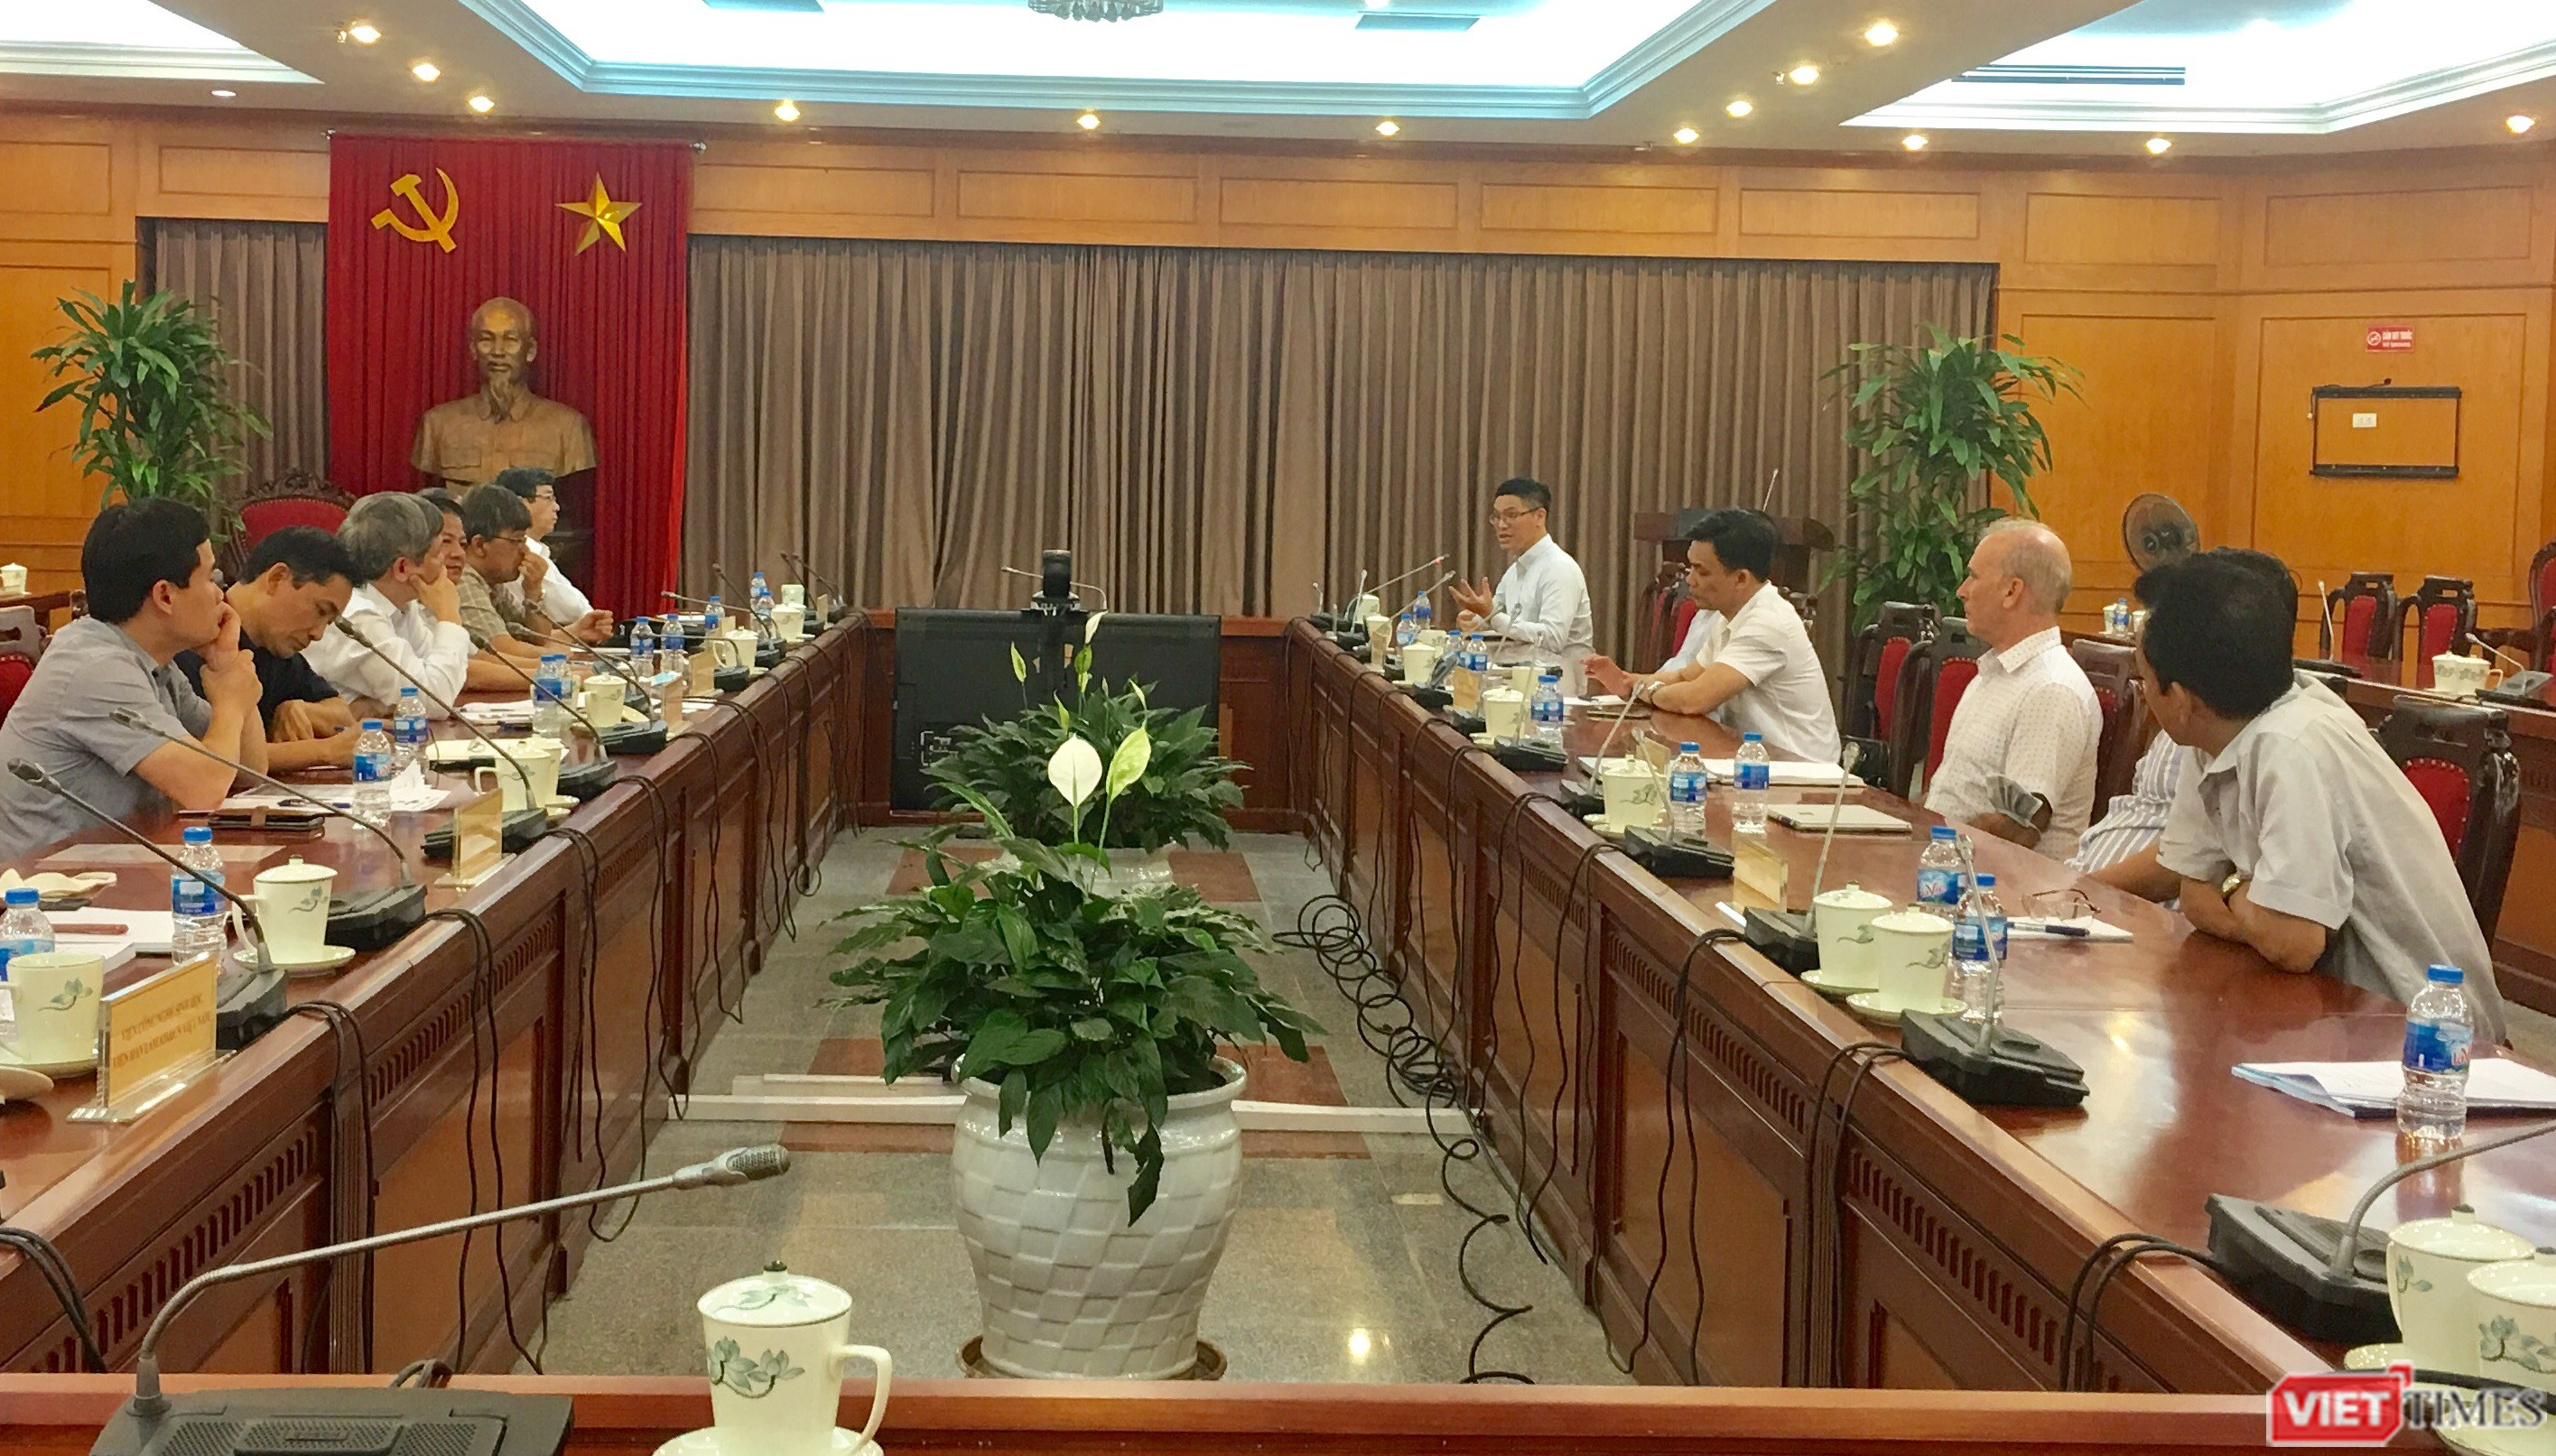 Việt Nam chính thức triển khai nghiên cứu, sản xuất vaccine phòng COVID-19